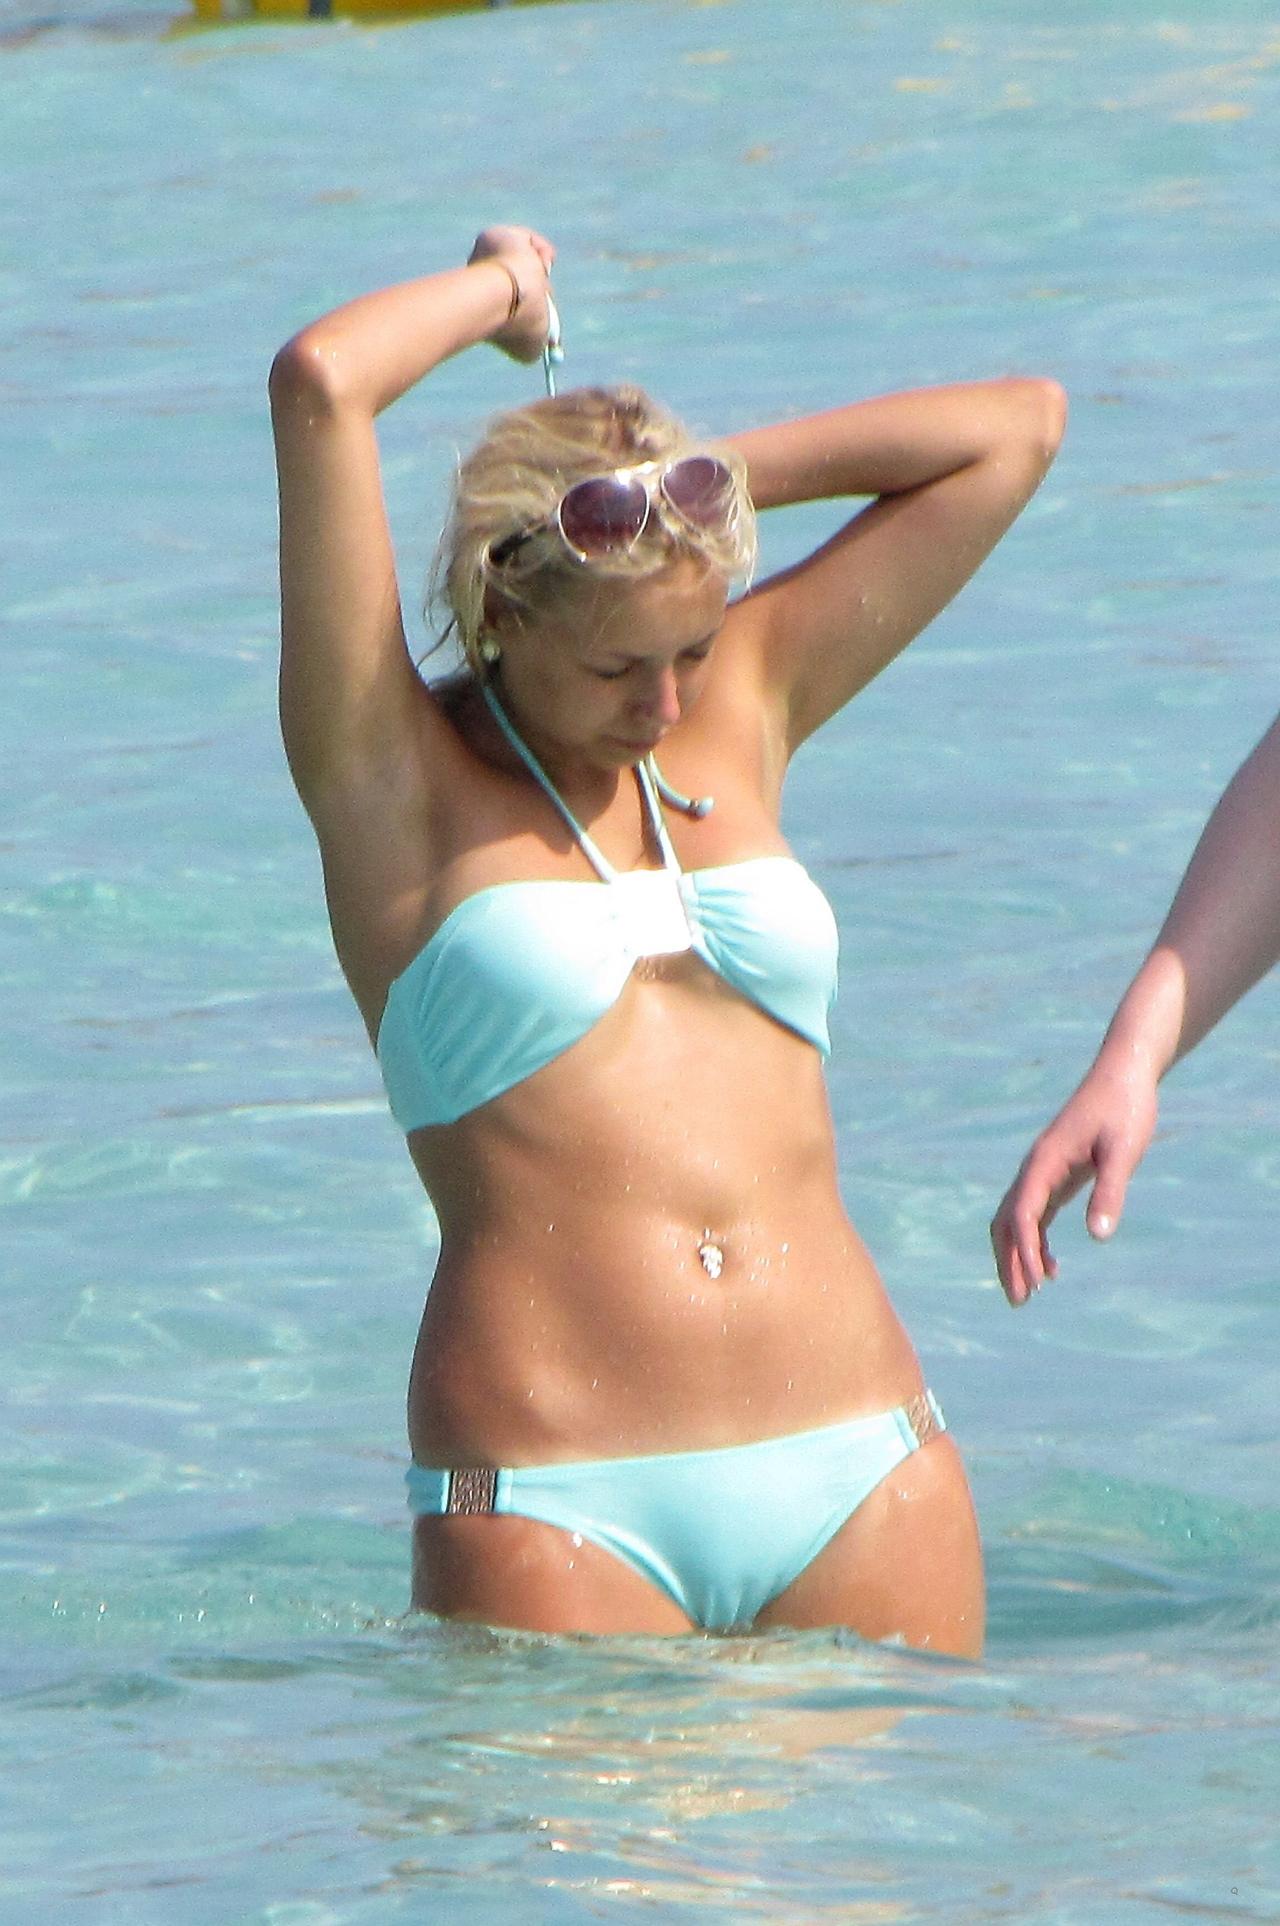 Bikini Lauren Parkinson nudes (56 photo), Pussy, Sideboobs, Feet, butt 2020